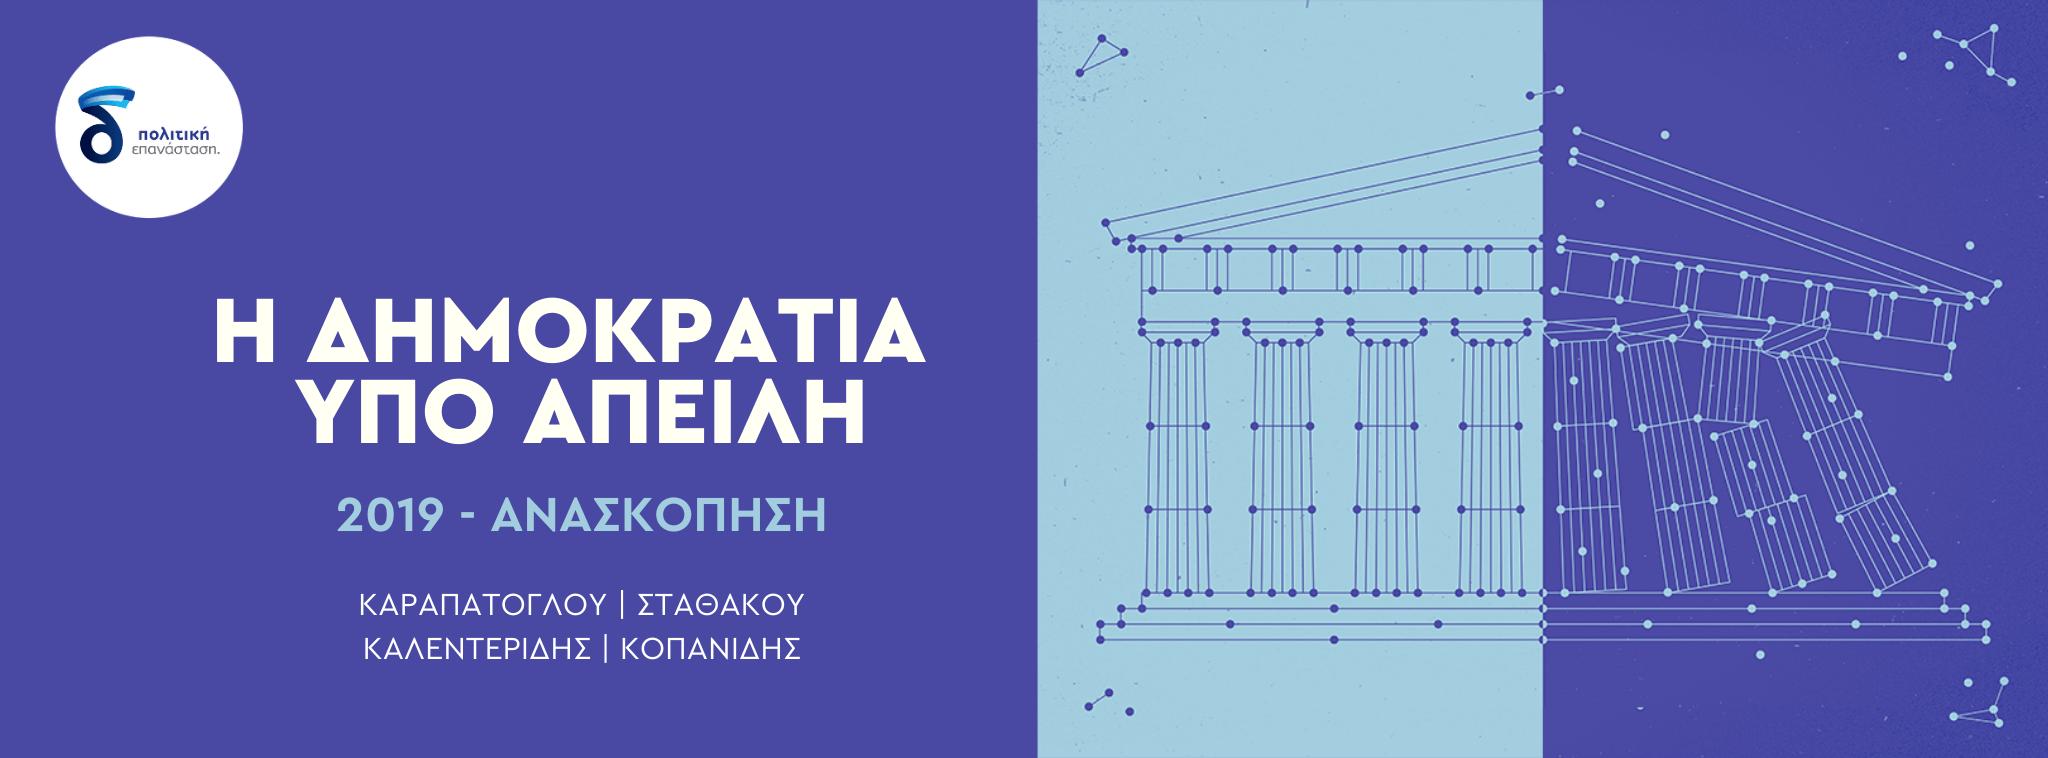 «Η δημοκρατία υπό απειλή: 2019 – Ανασκόπηση» – Εκδήλωση του δέλτα στην Αθήνα τις 18 Ιανουαρίου 2020